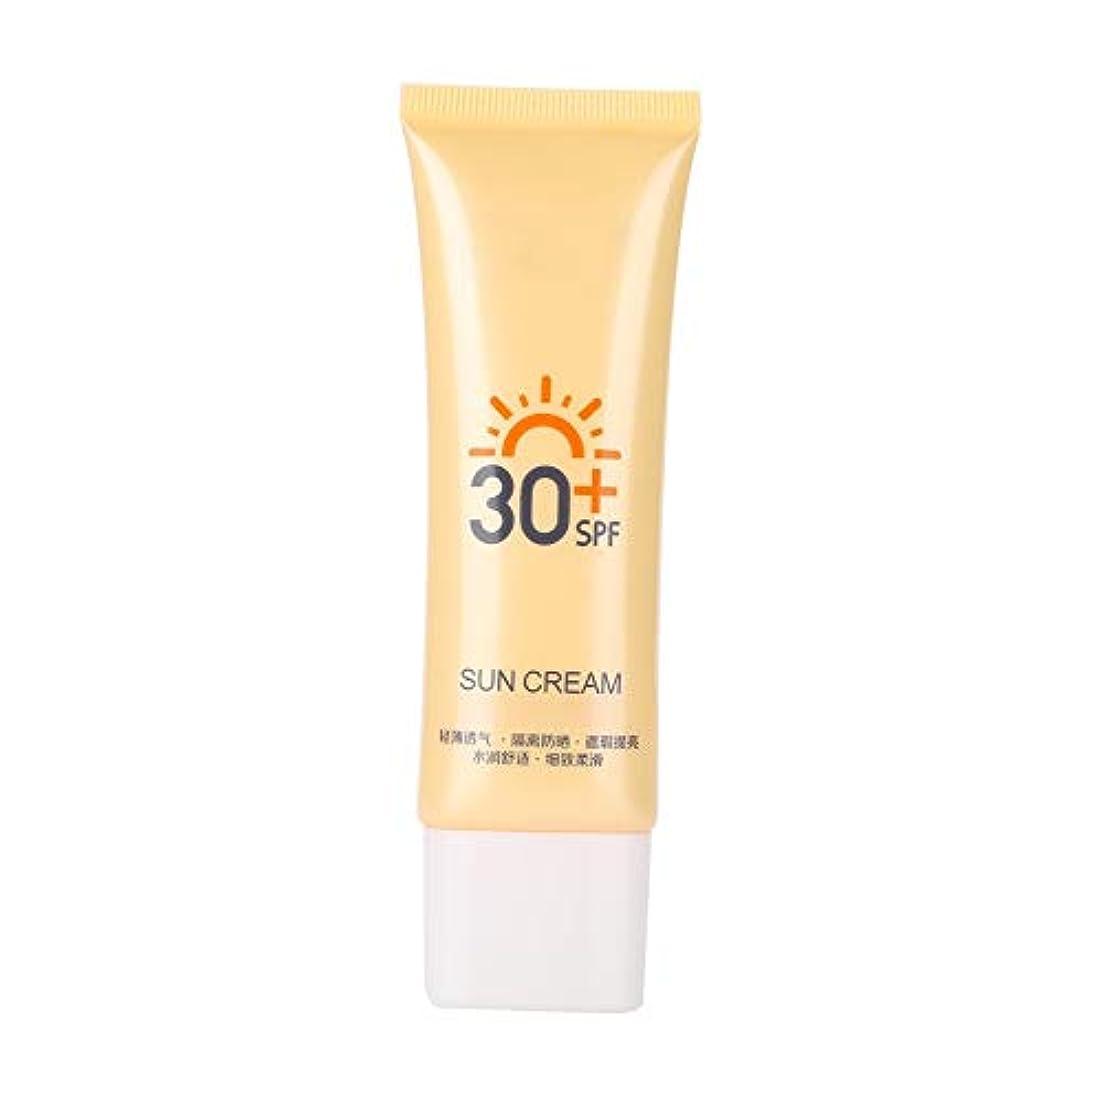 最初は金銭的心から日焼け止め、日焼け止め、日焼け止めを白くする、保湿日焼け止めをする、さわやかで潤いを与える保湿日焼け止めを塗る、撥水および汗止め、分離40g